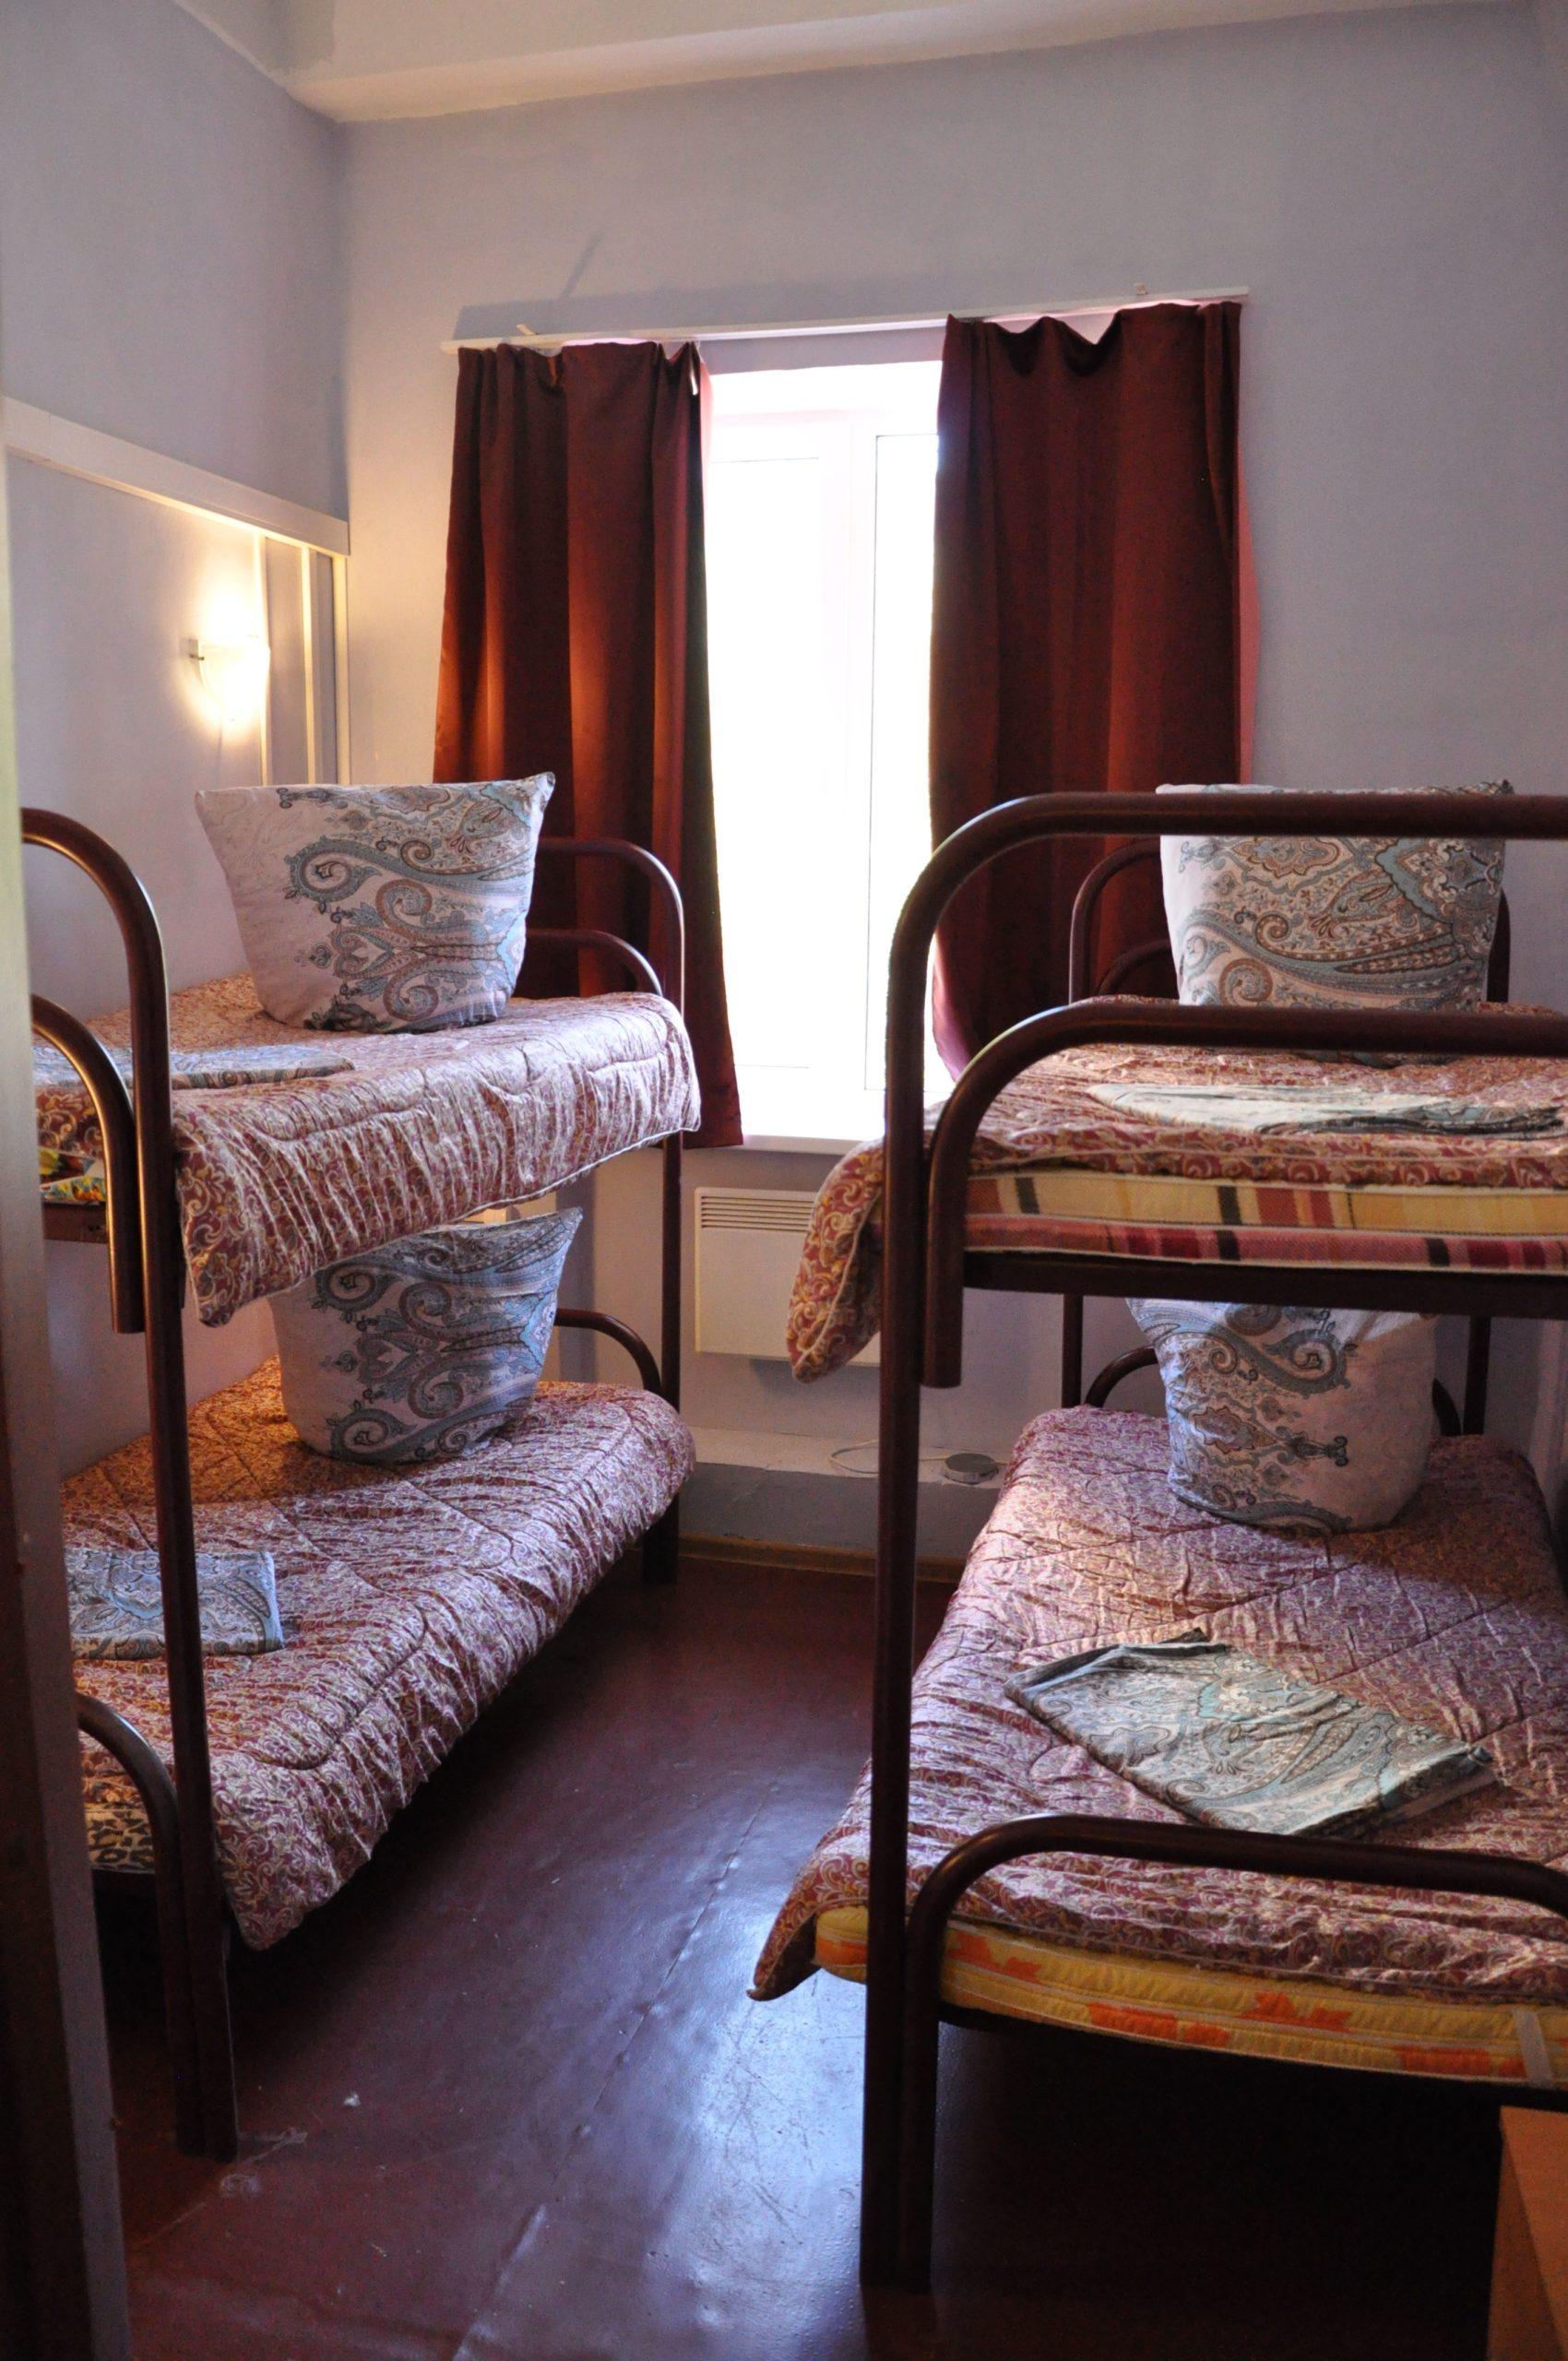 комнаты снять в химках - 4х местная комната в химках